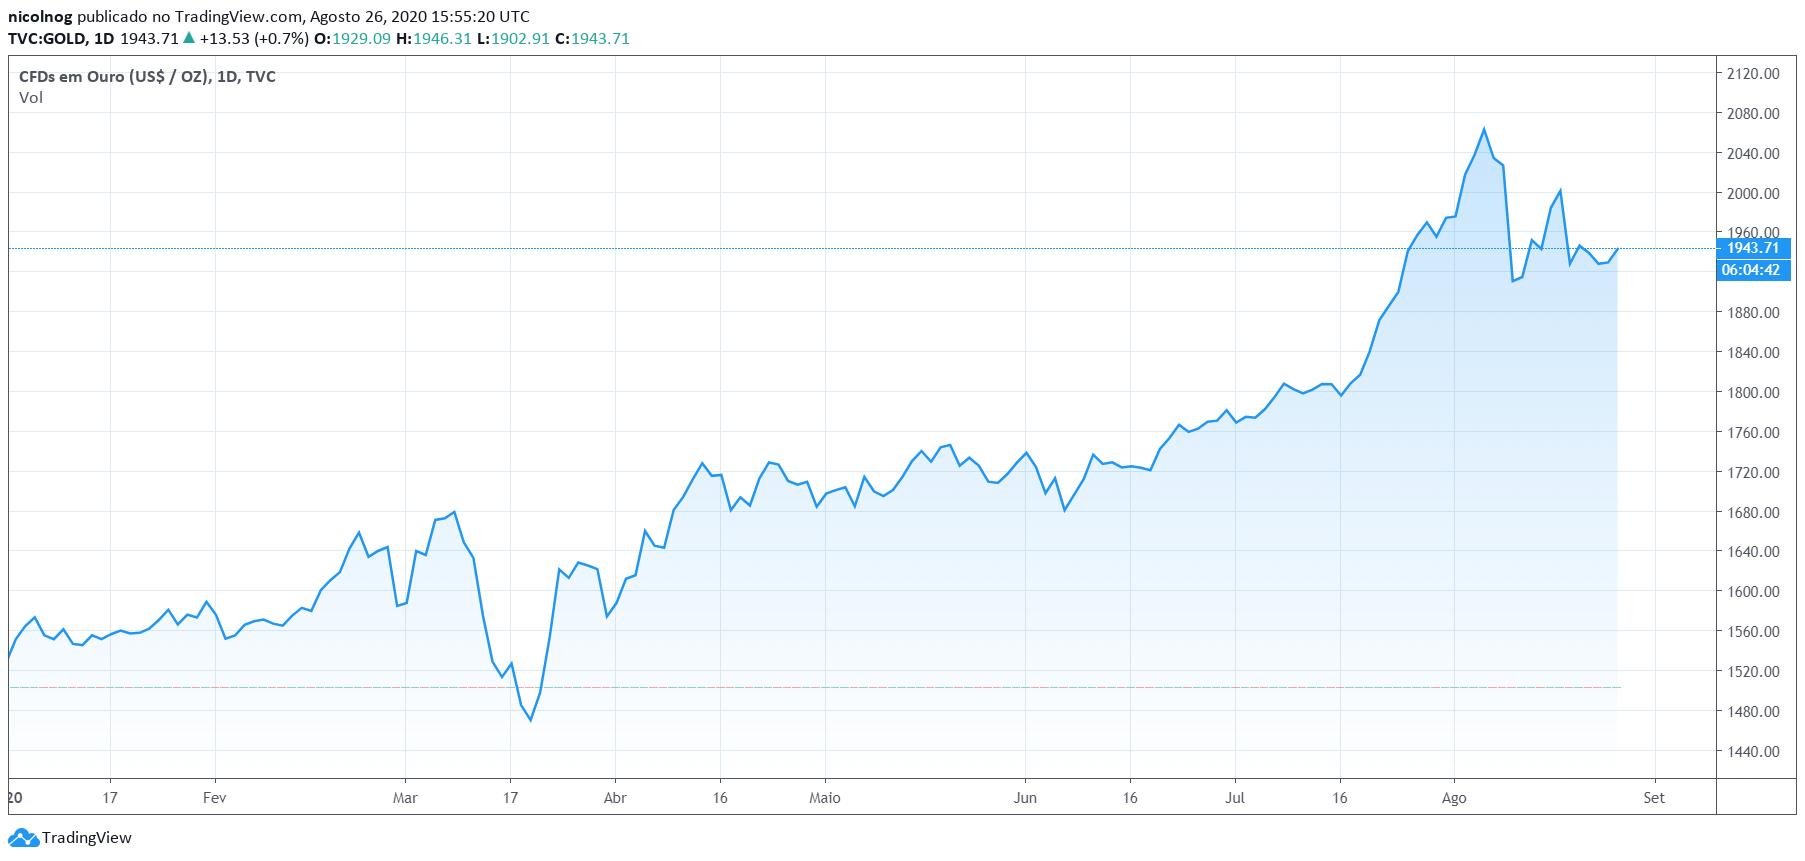 Preço do ouro, em dólares, no ano